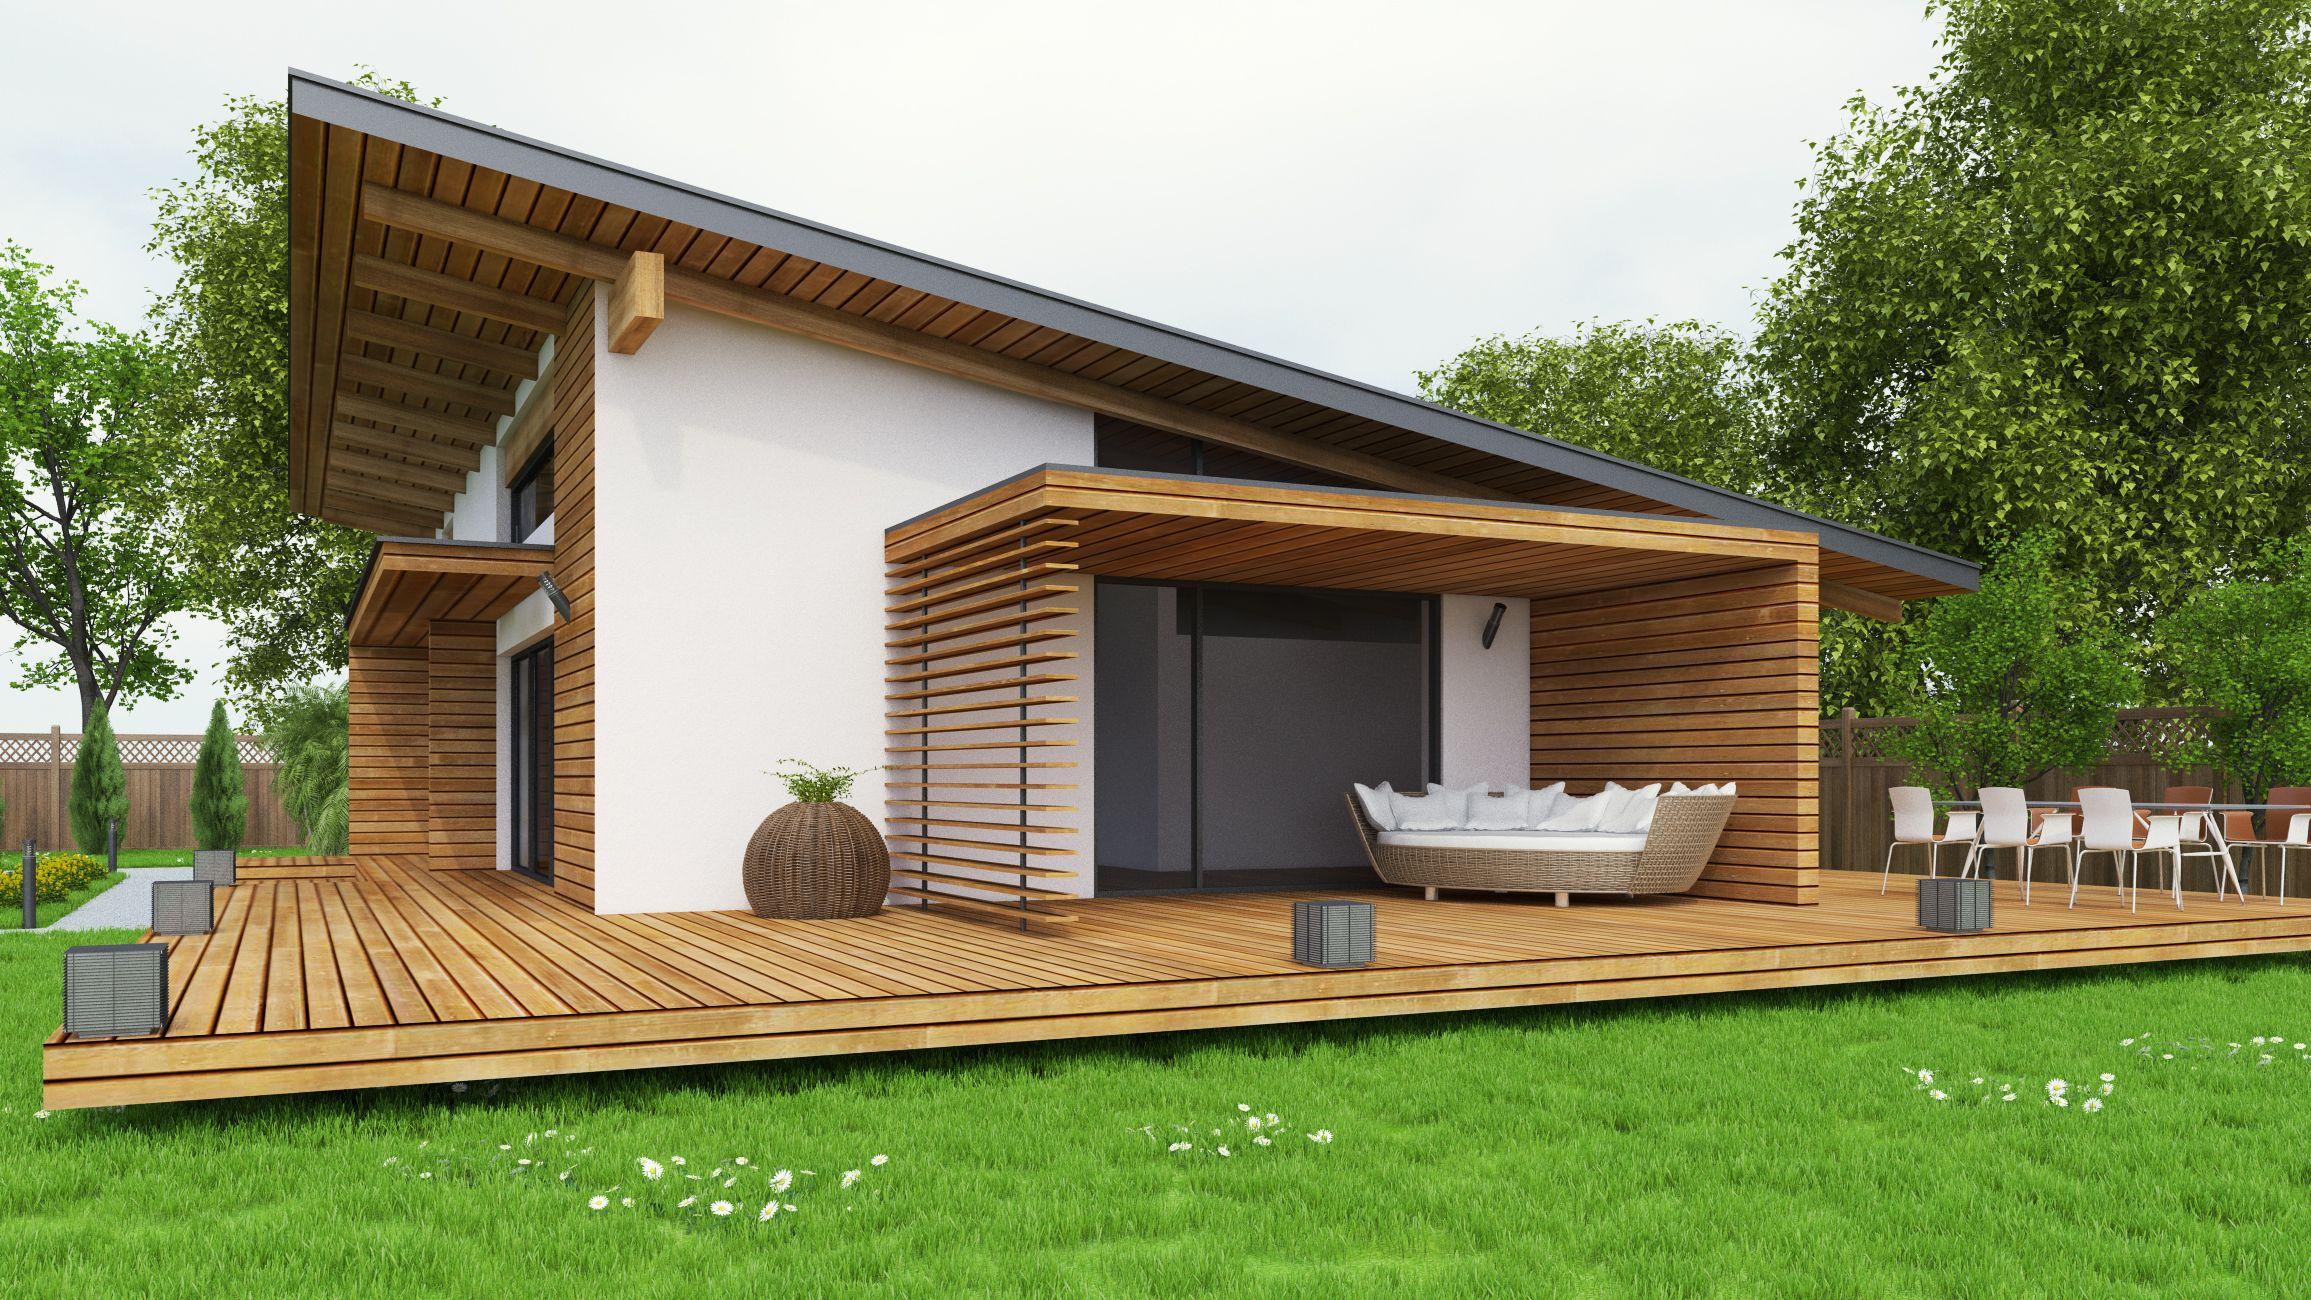 Maison ossature bois et revêtement - Astuces Bricolage  Maison